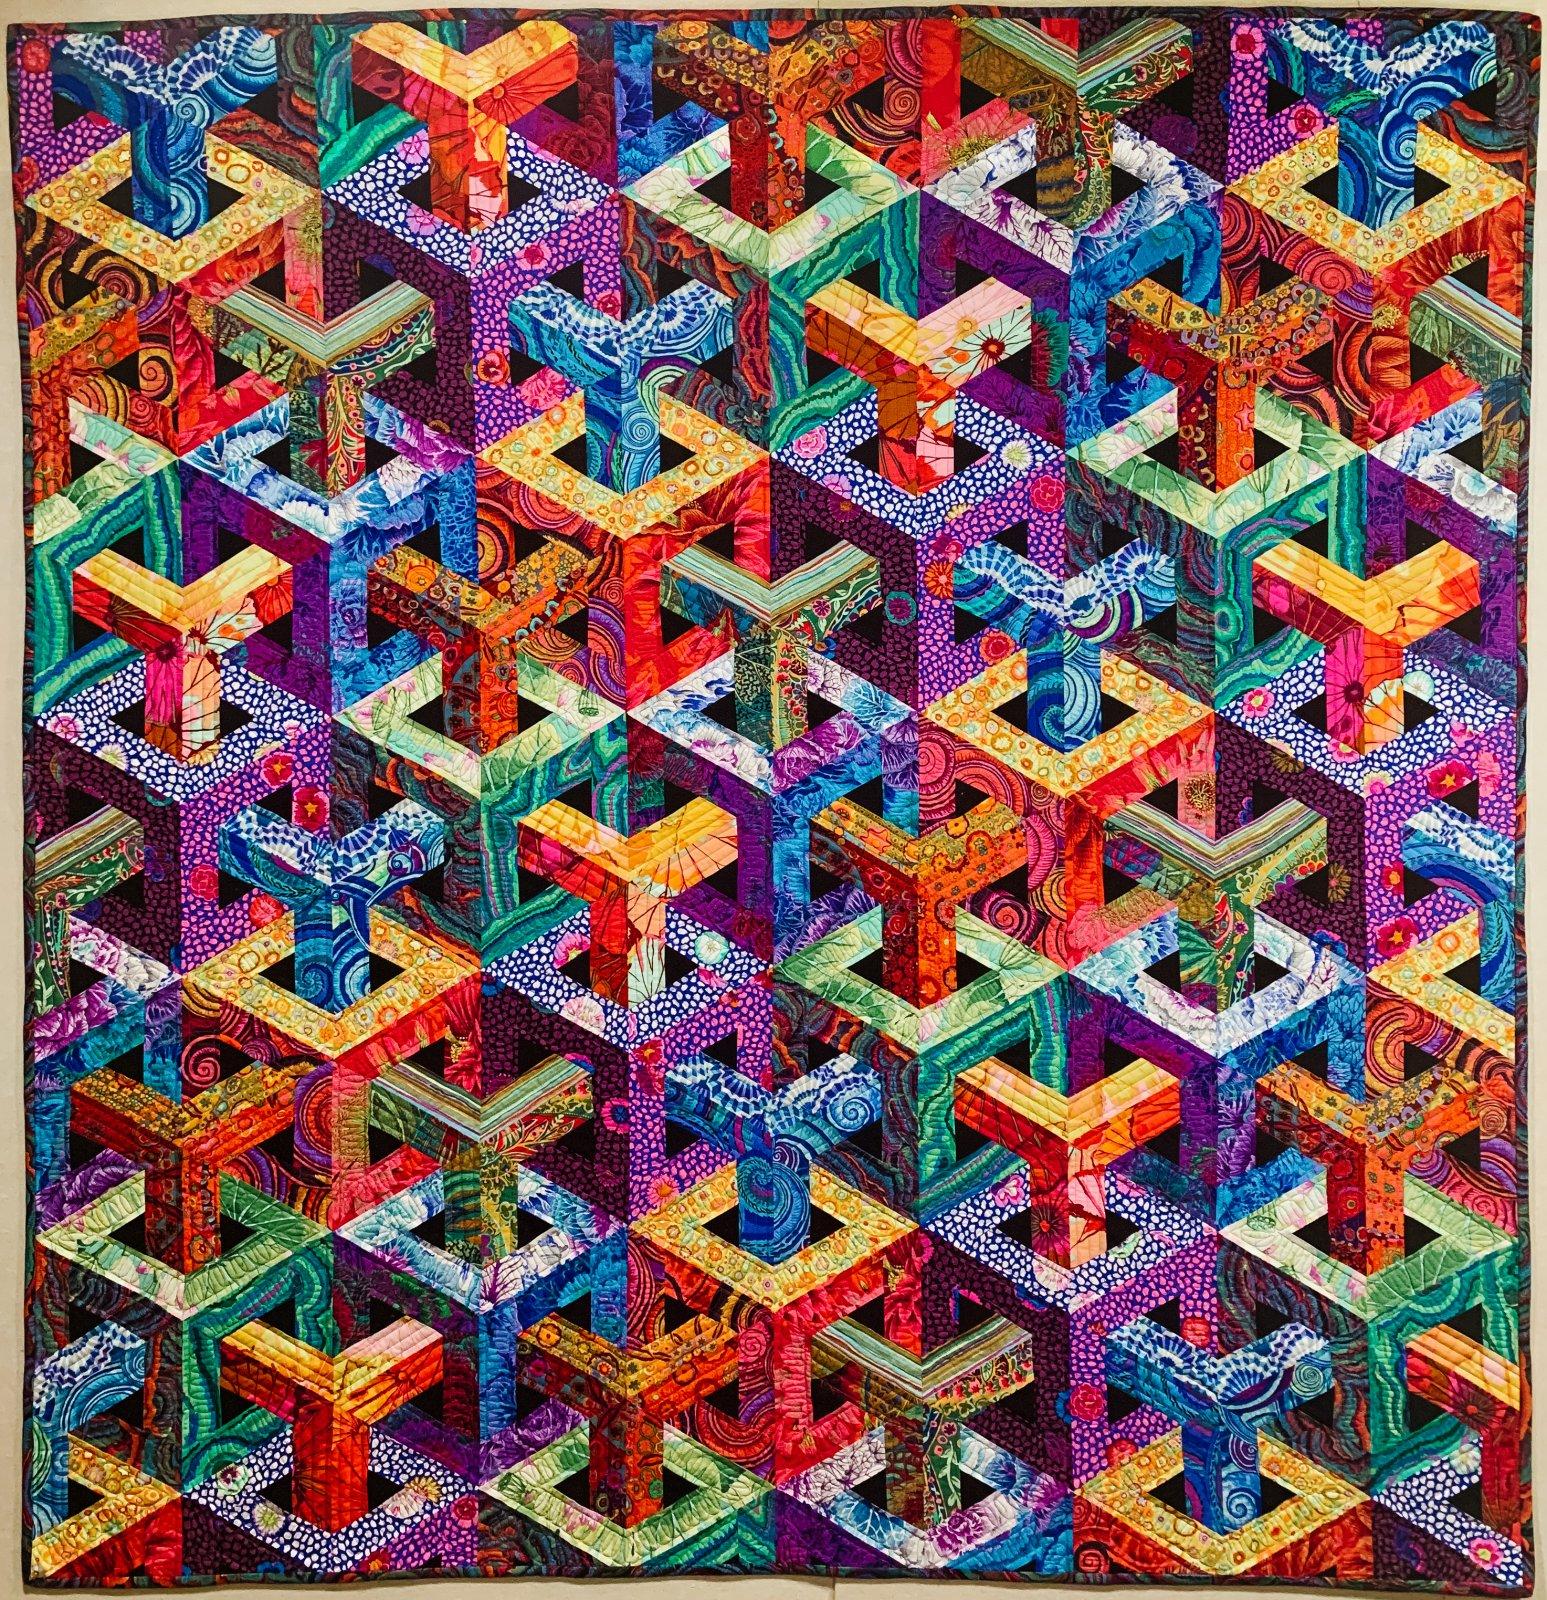 Escher Cubed - Kaffe